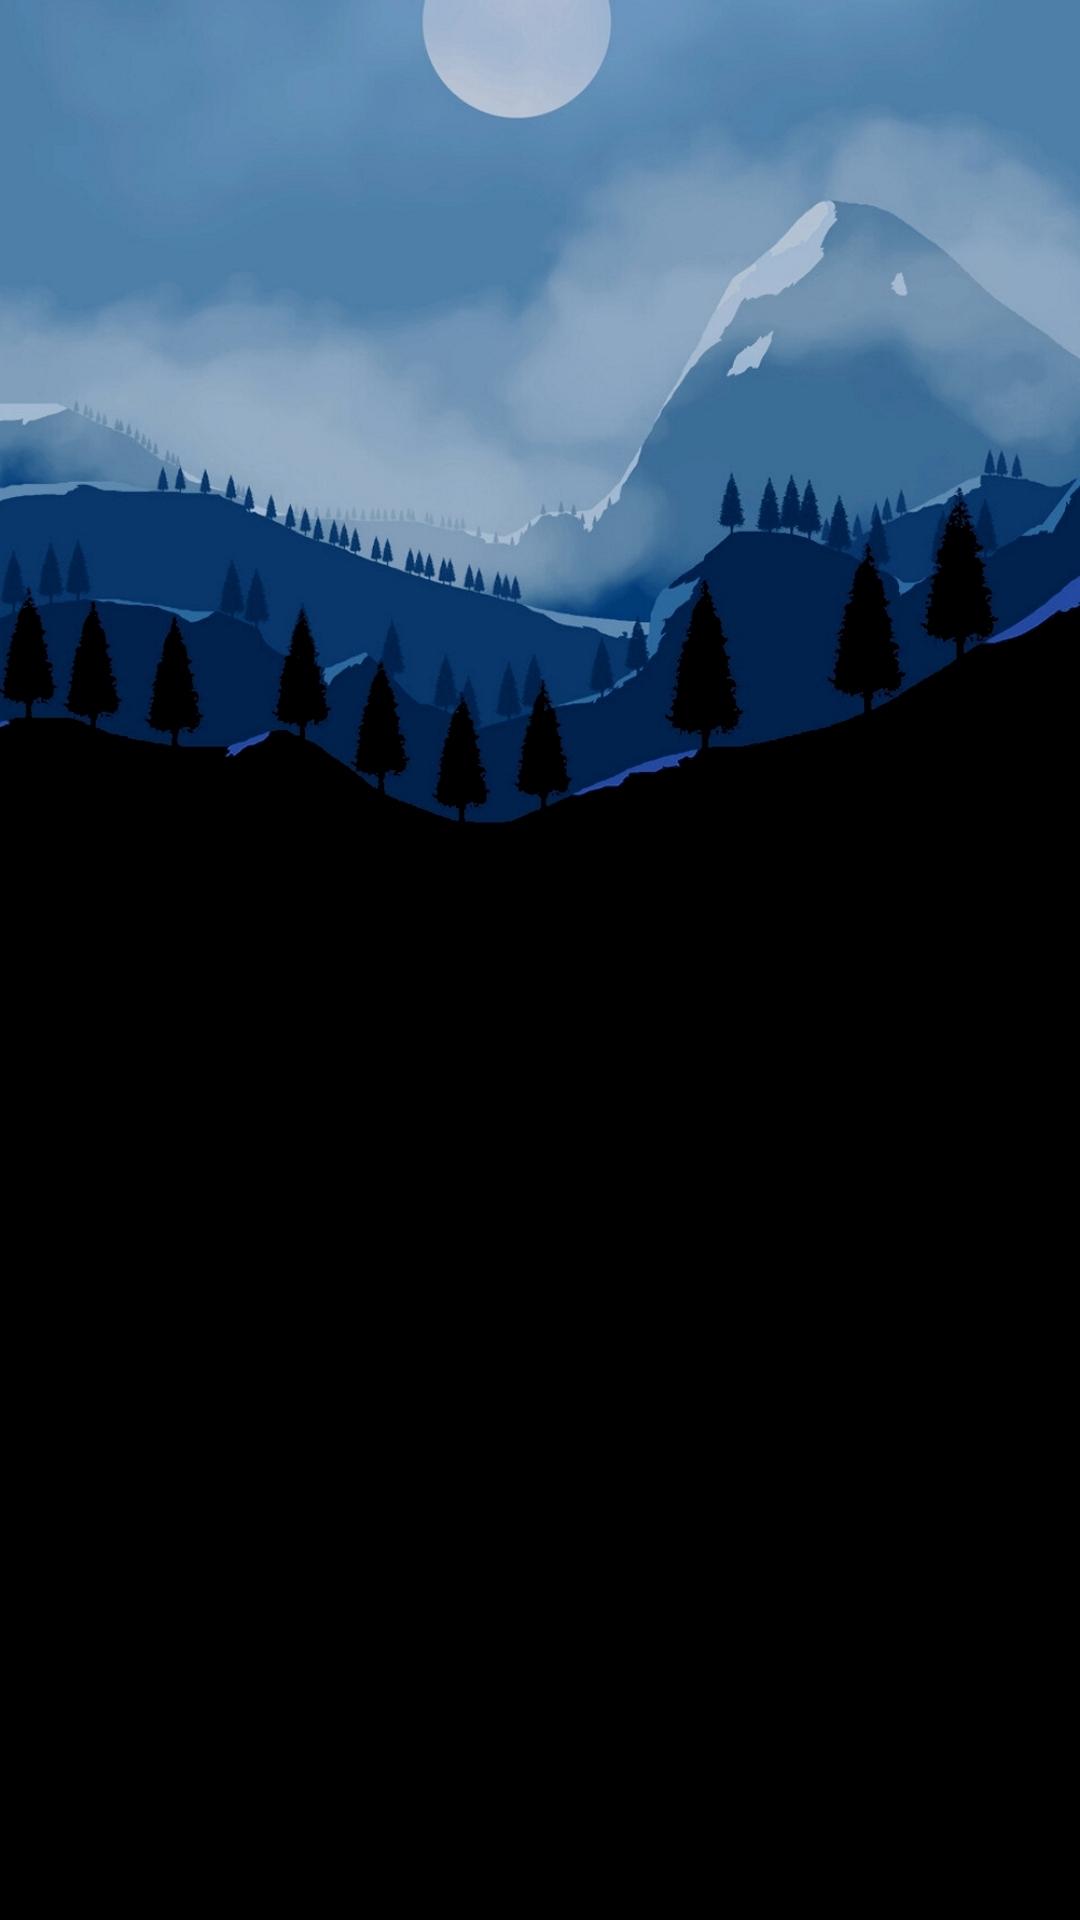 black wallpaper 1080 x 1920 pixels